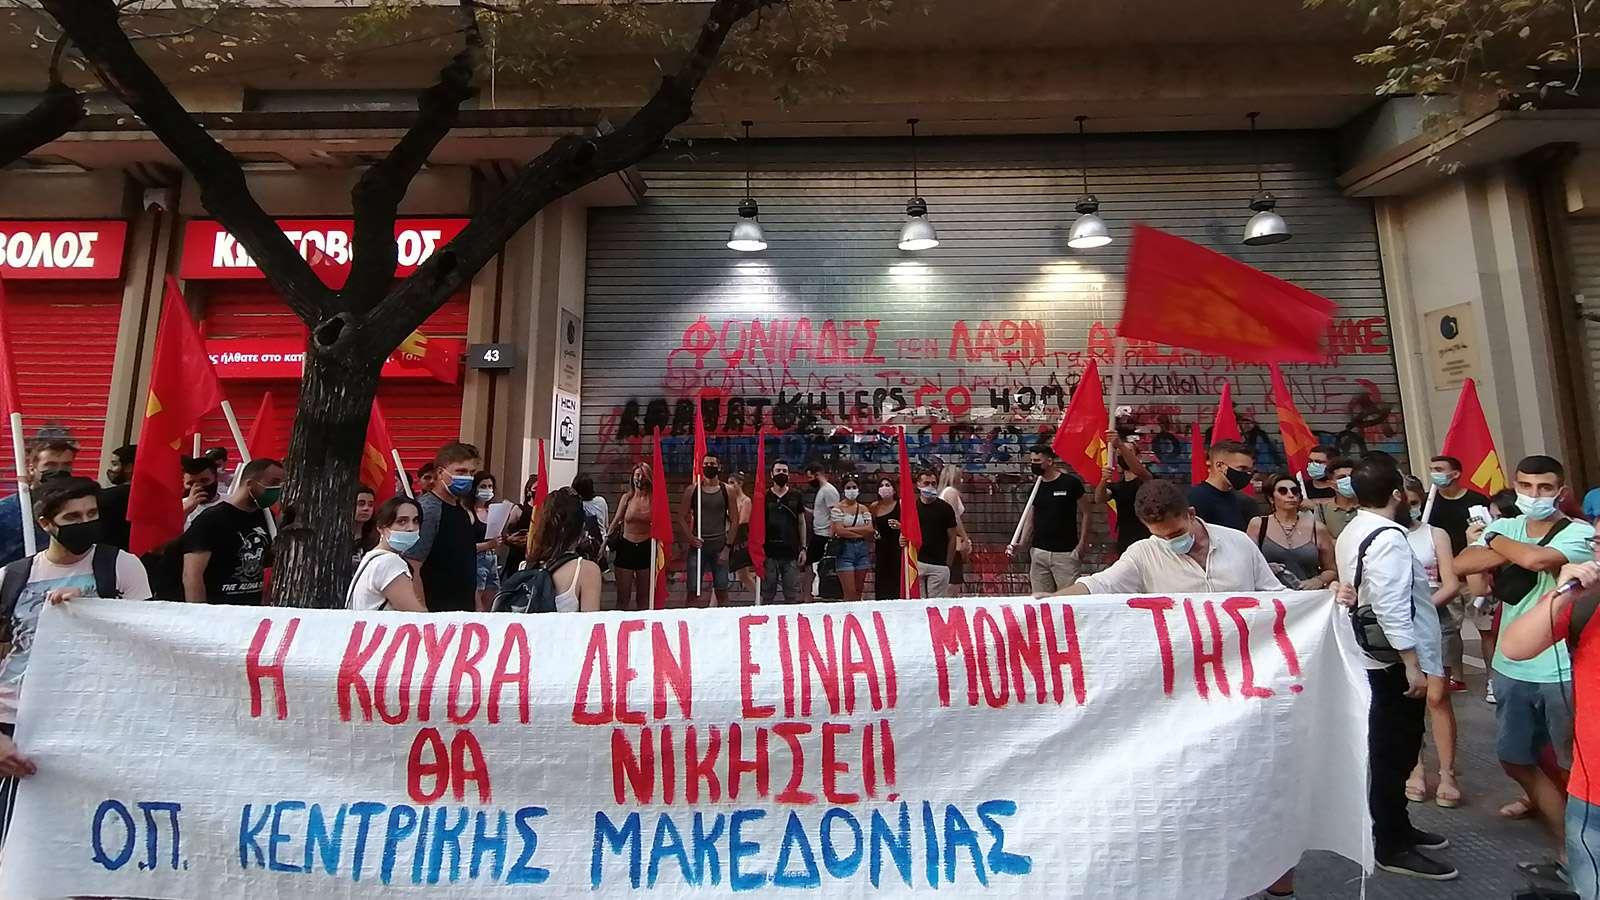 Θεσσαλονίκη Σταματήστε τον αποκλεισμό αφήστε την Κούβα να αναπνεύσει